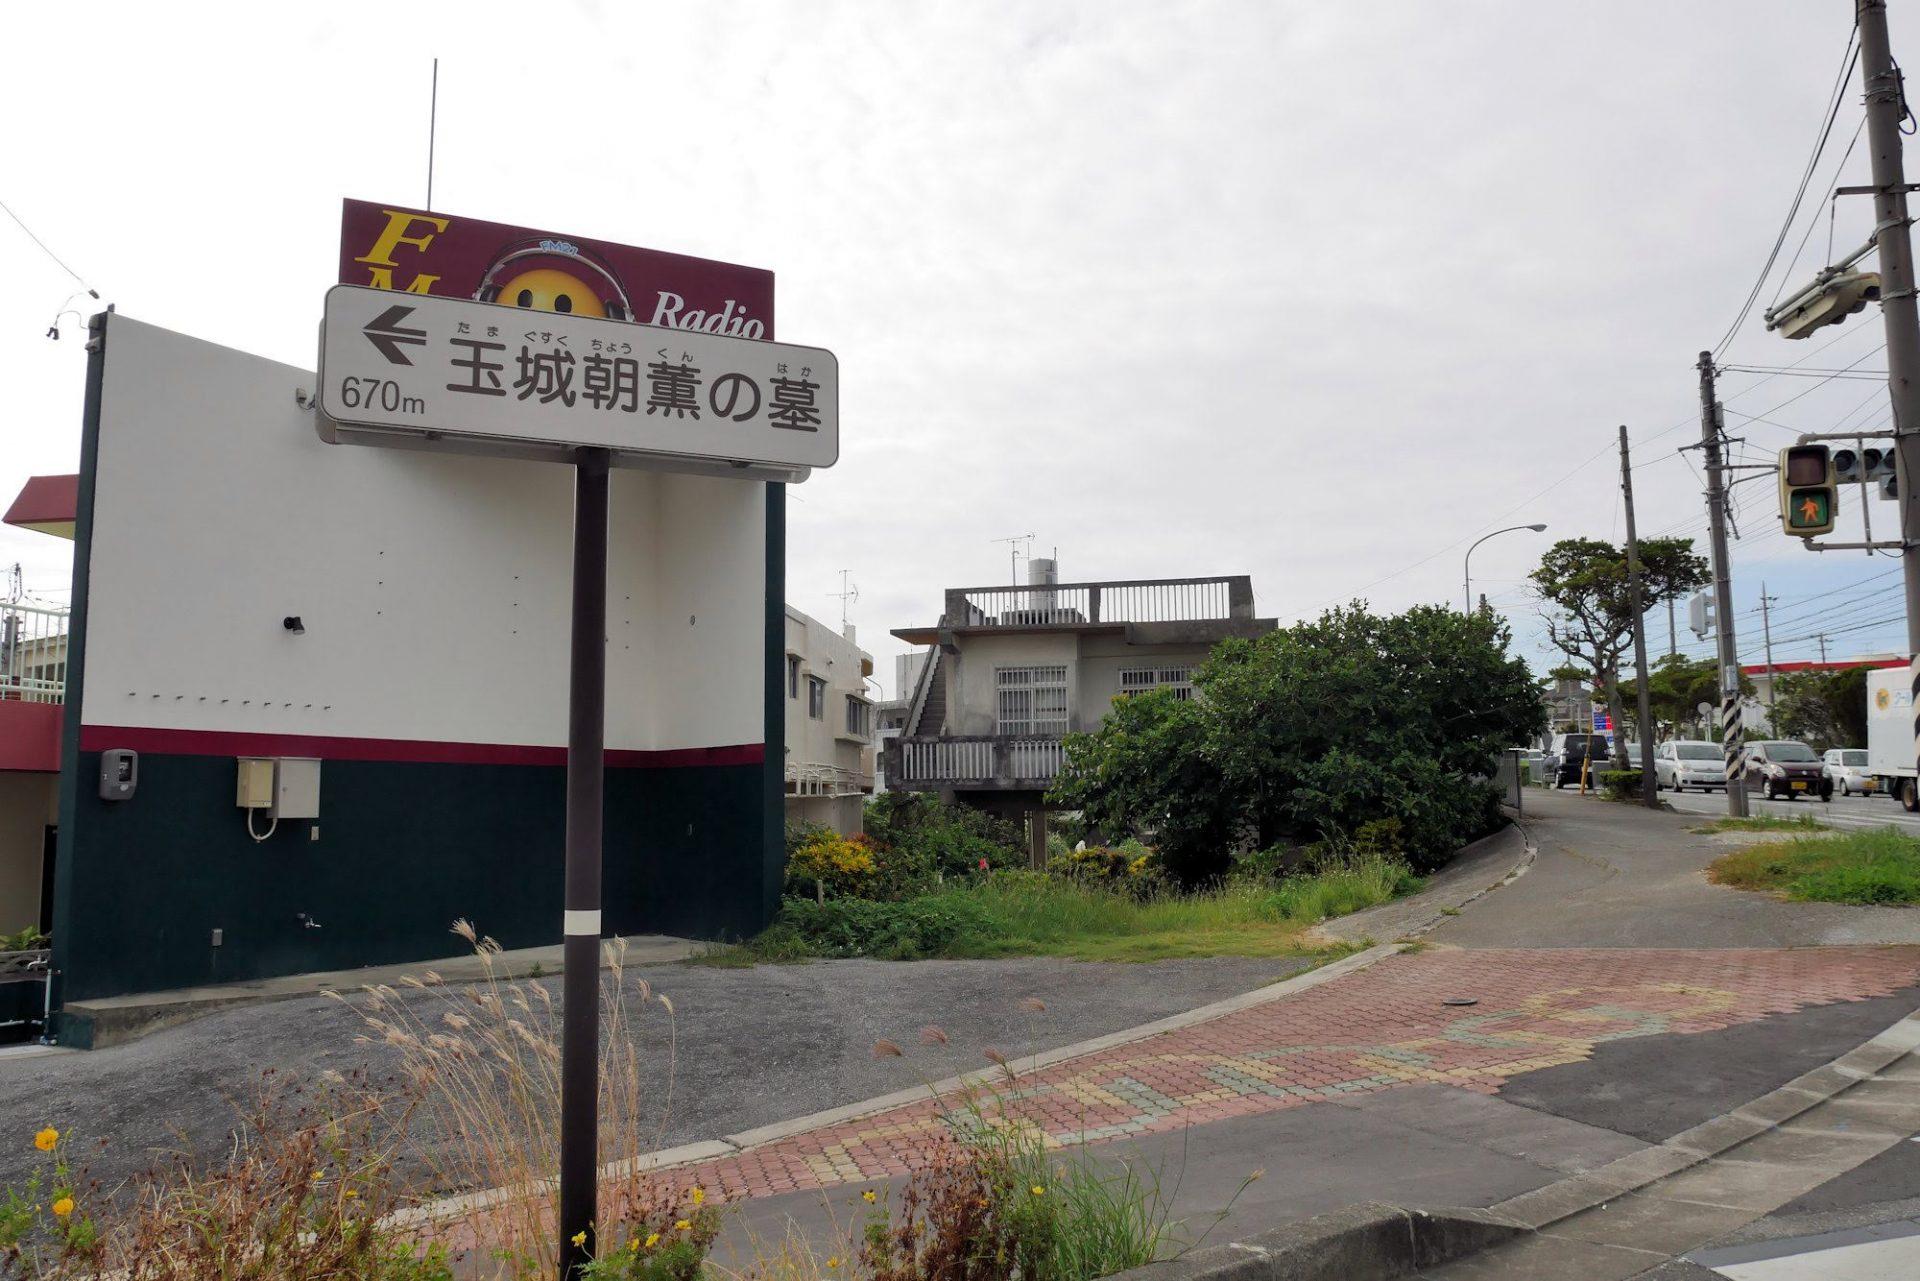 浦添前田駅 ゆいレール 延伸 浦添市 駅